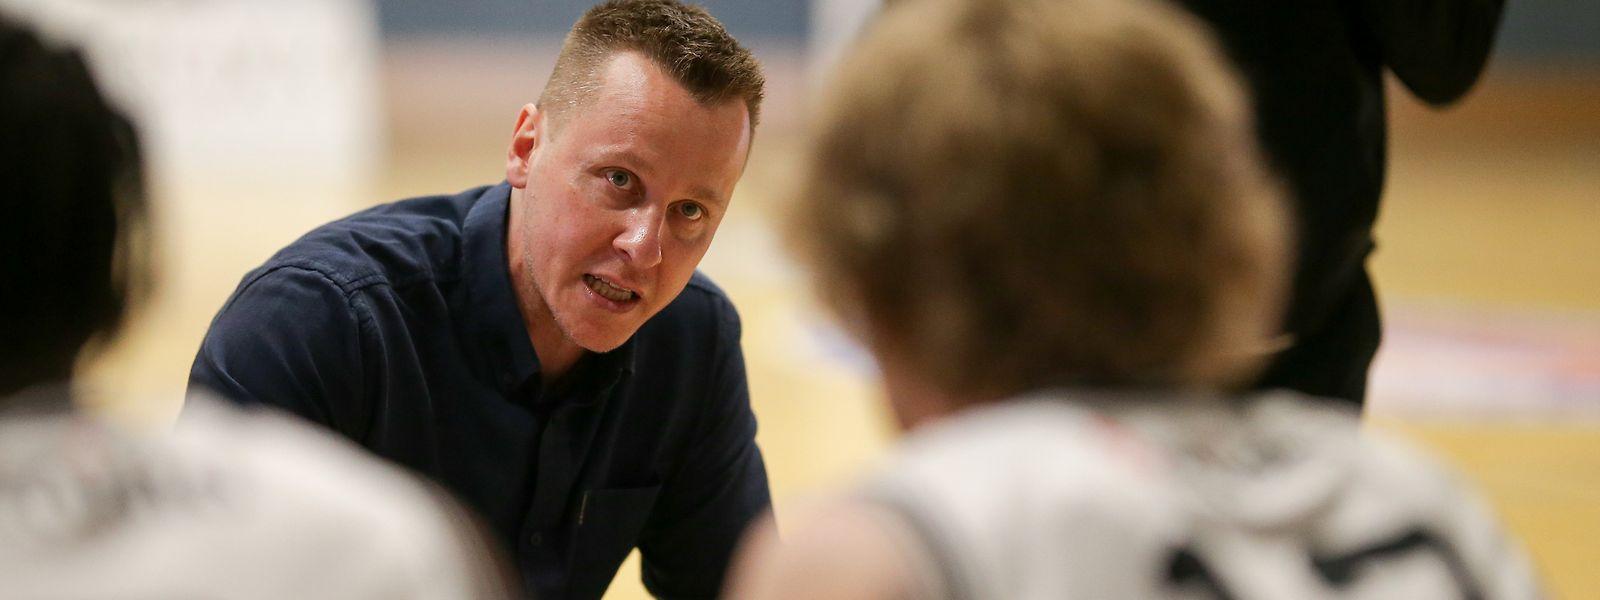 Ken Diederich bleibt noch bis zum Saisonende Coach in Düdelingen.